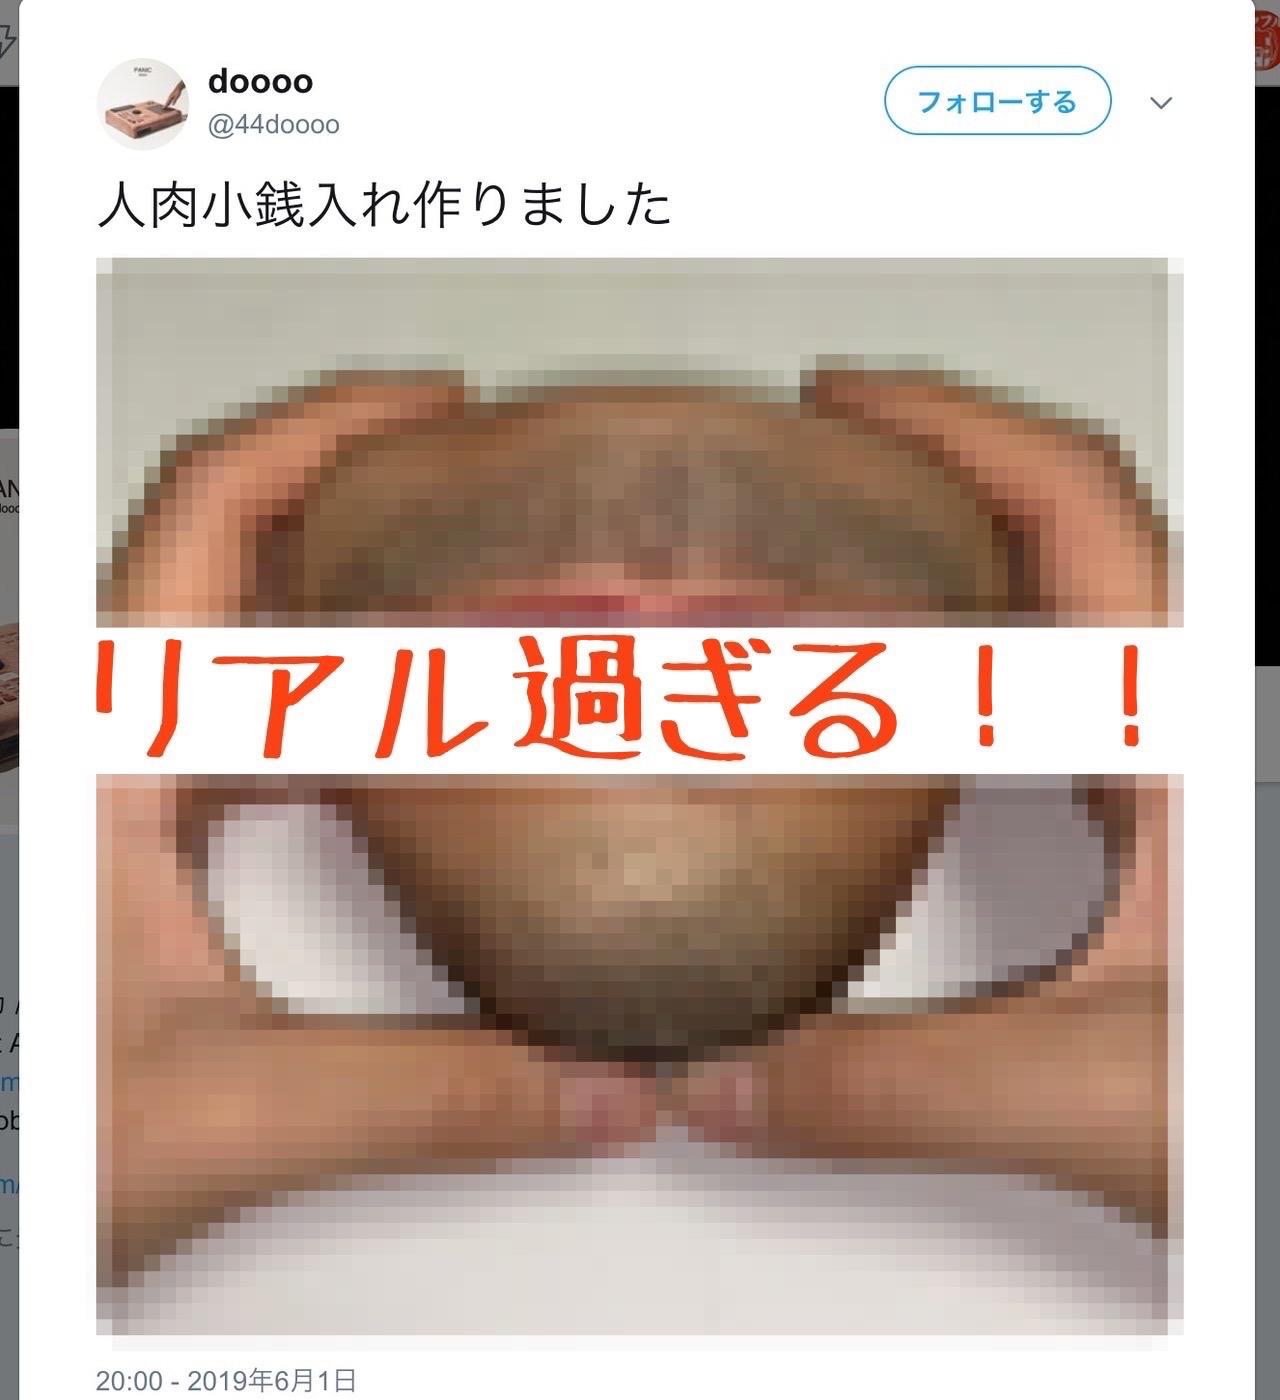 【閲覧注意】男性の口元がそのまま切り取られたような「人肉小銭入れ」が怖い